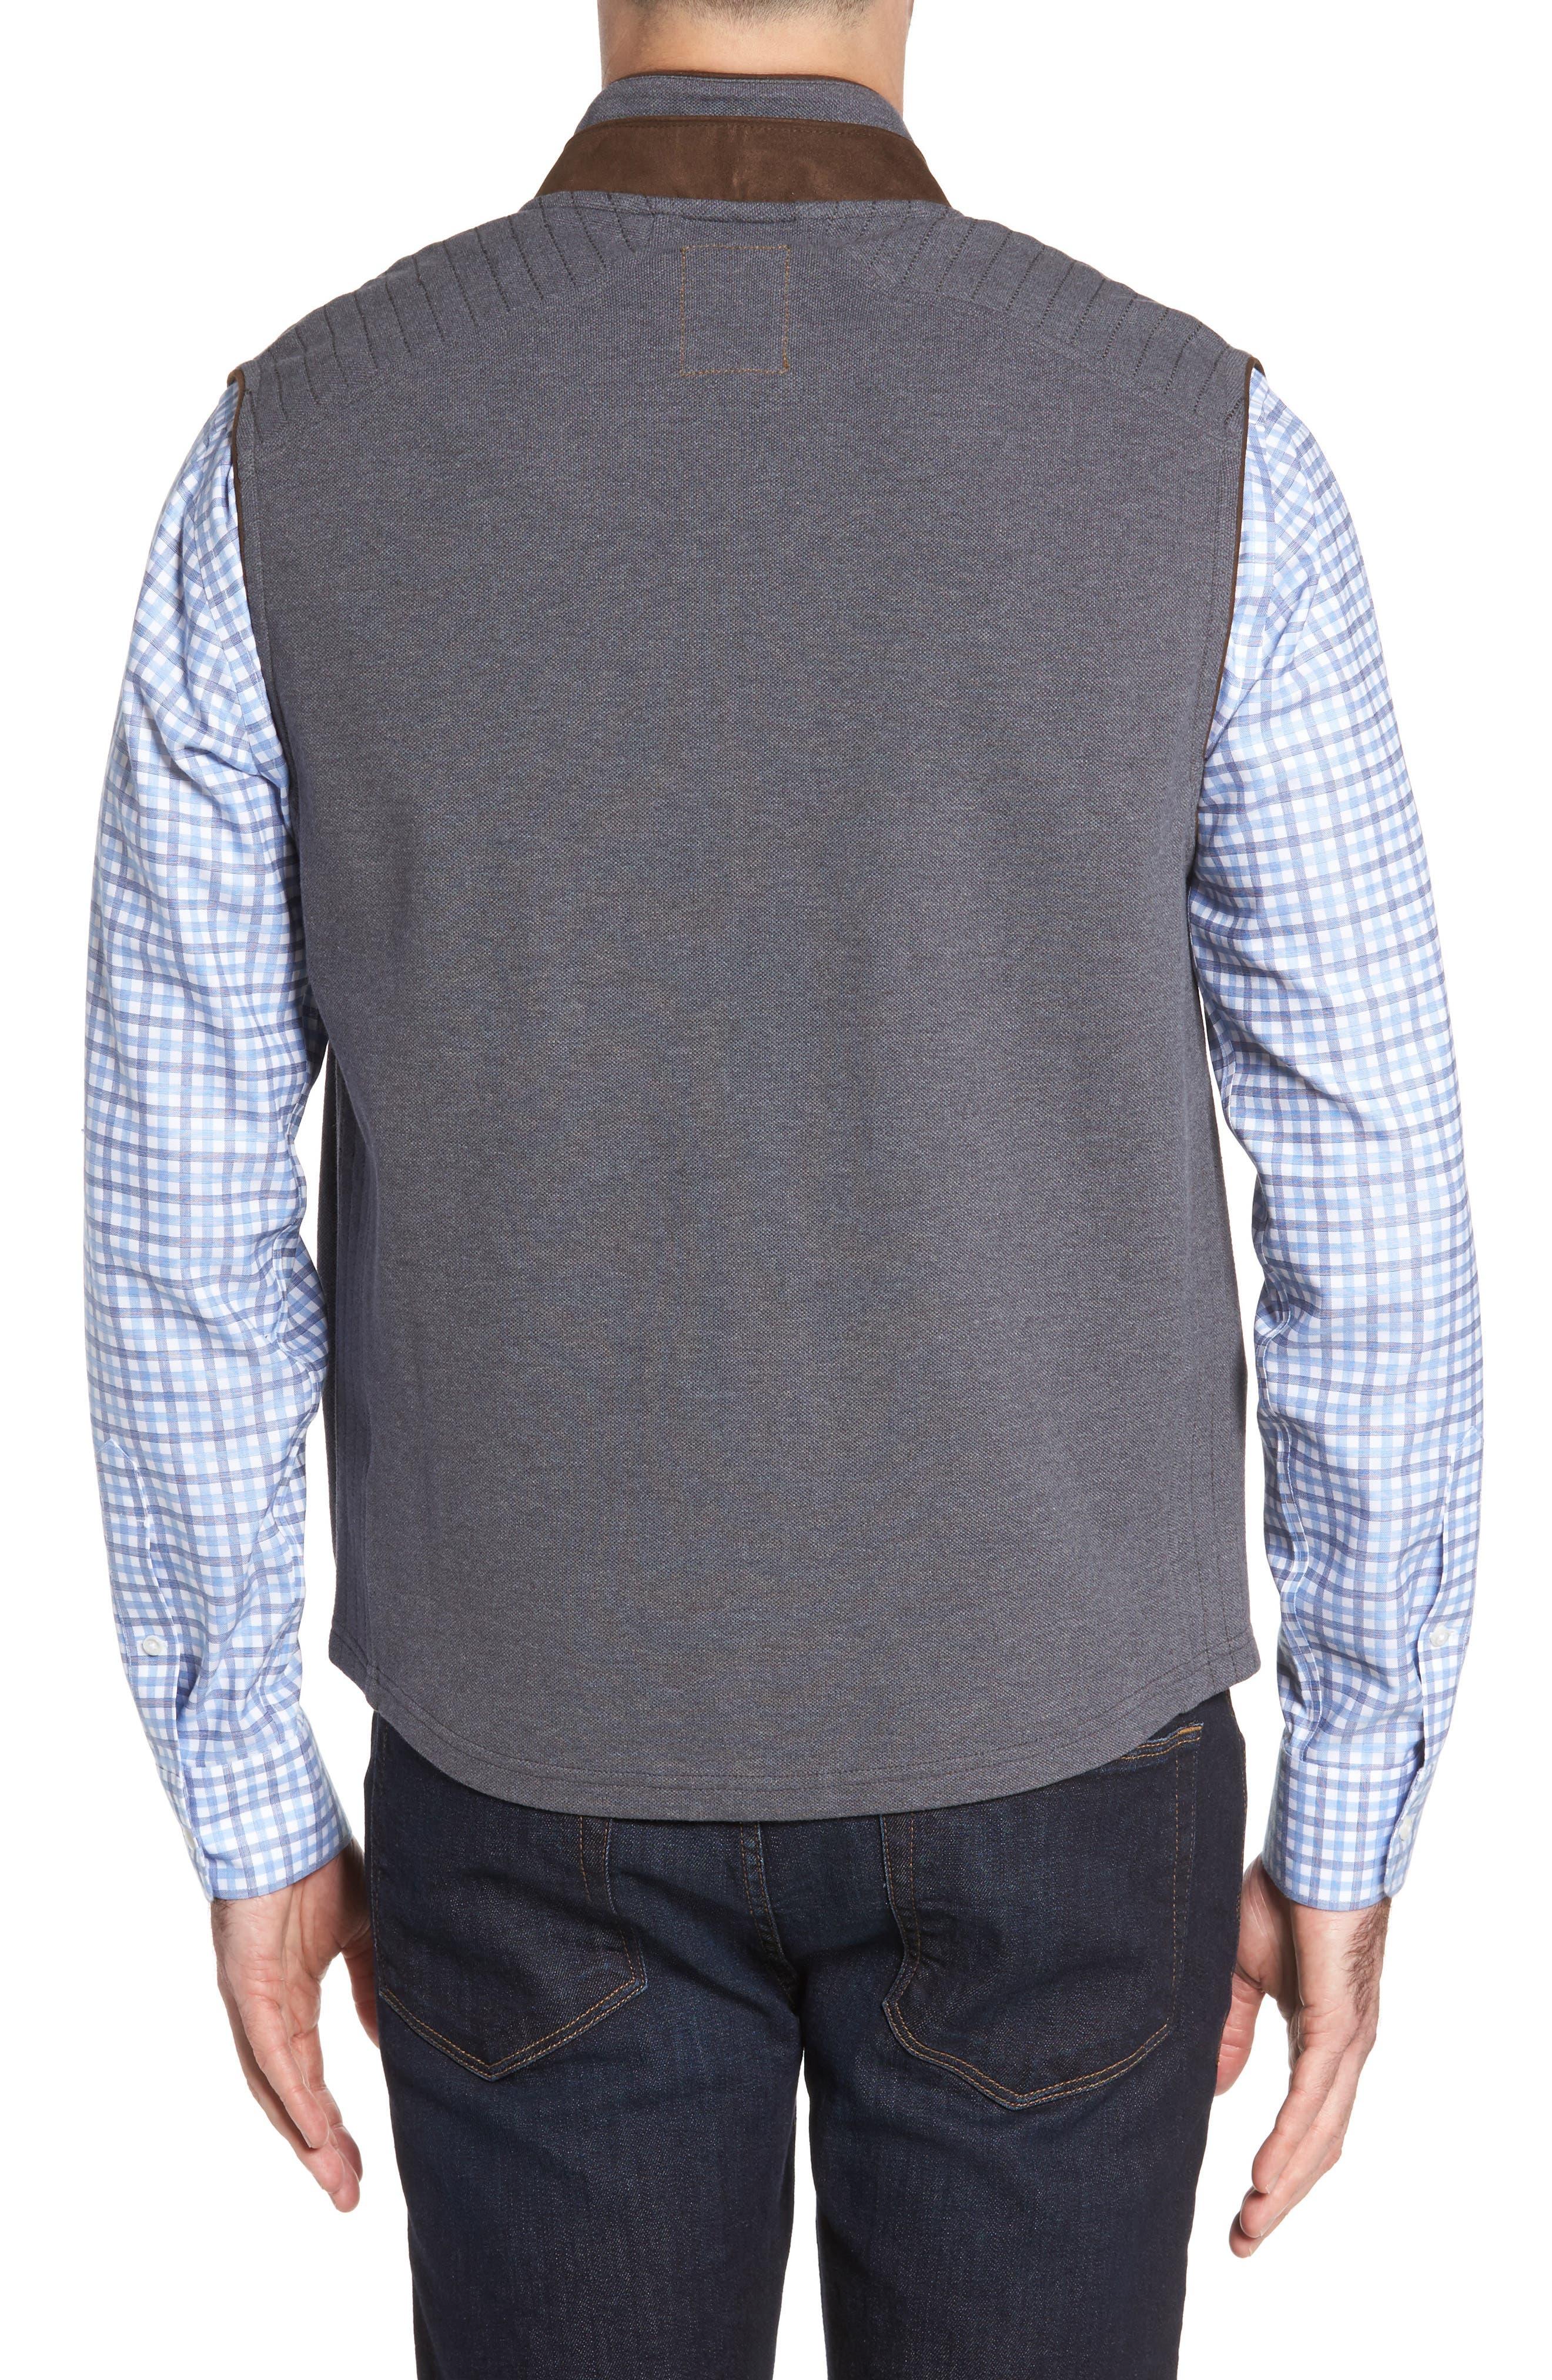 THADDEUS,                             Robert Full Zip Vest,                             Alternate thumbnail 2, color,                             014